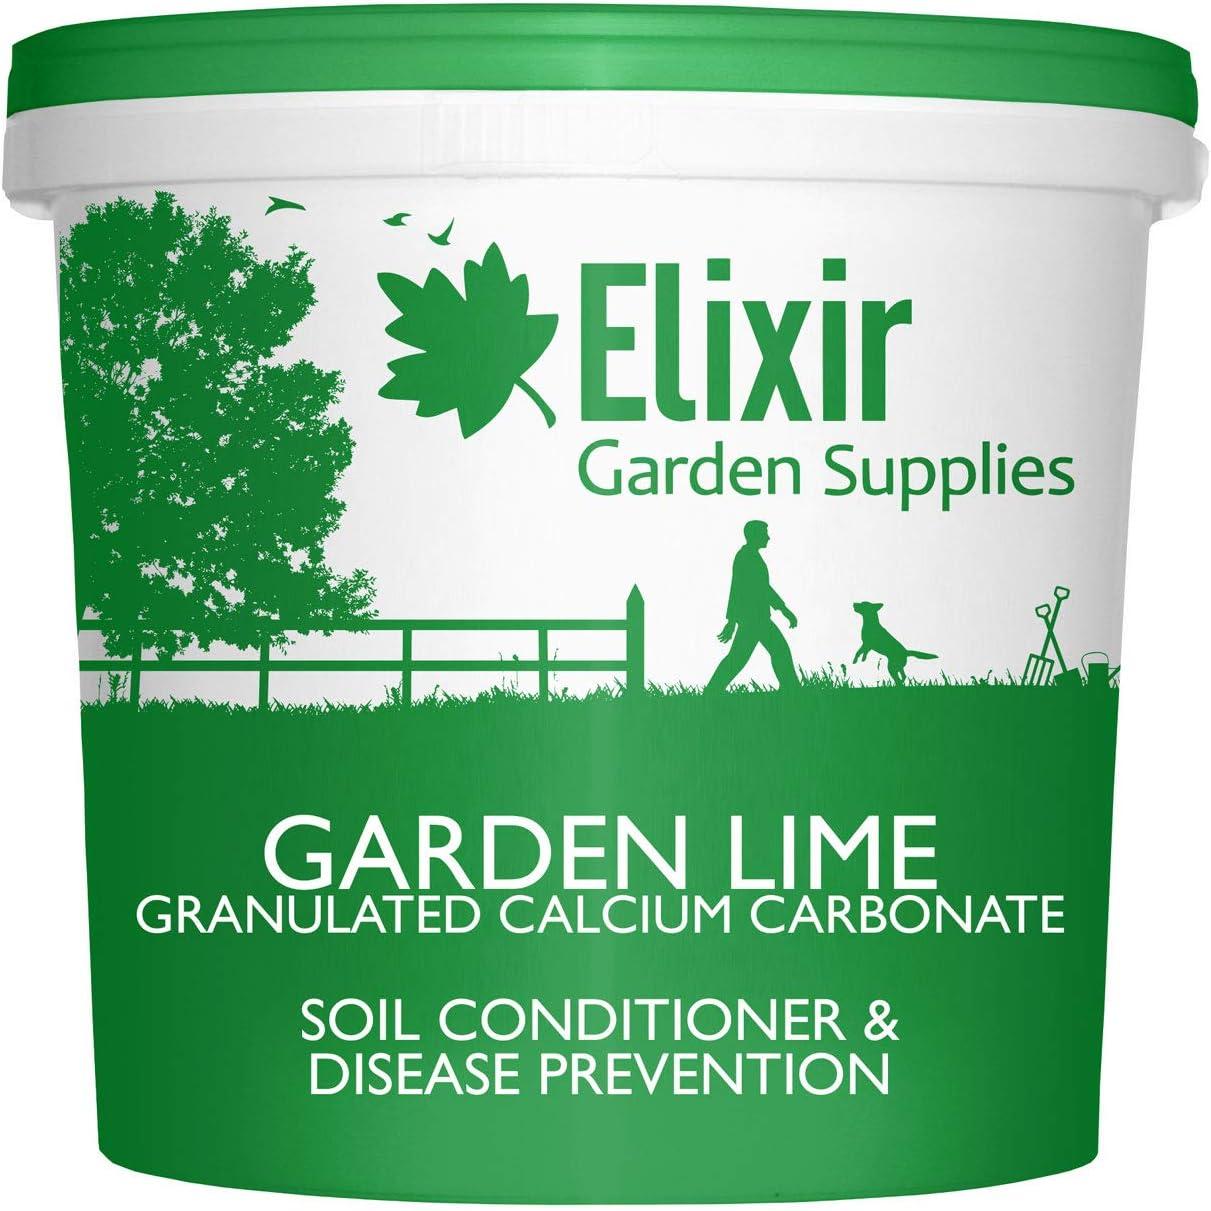 Bolsa de cal granulada de piedra caliza para agricultura de jardín con calcio y magnesio: Amazon.es: Jardín